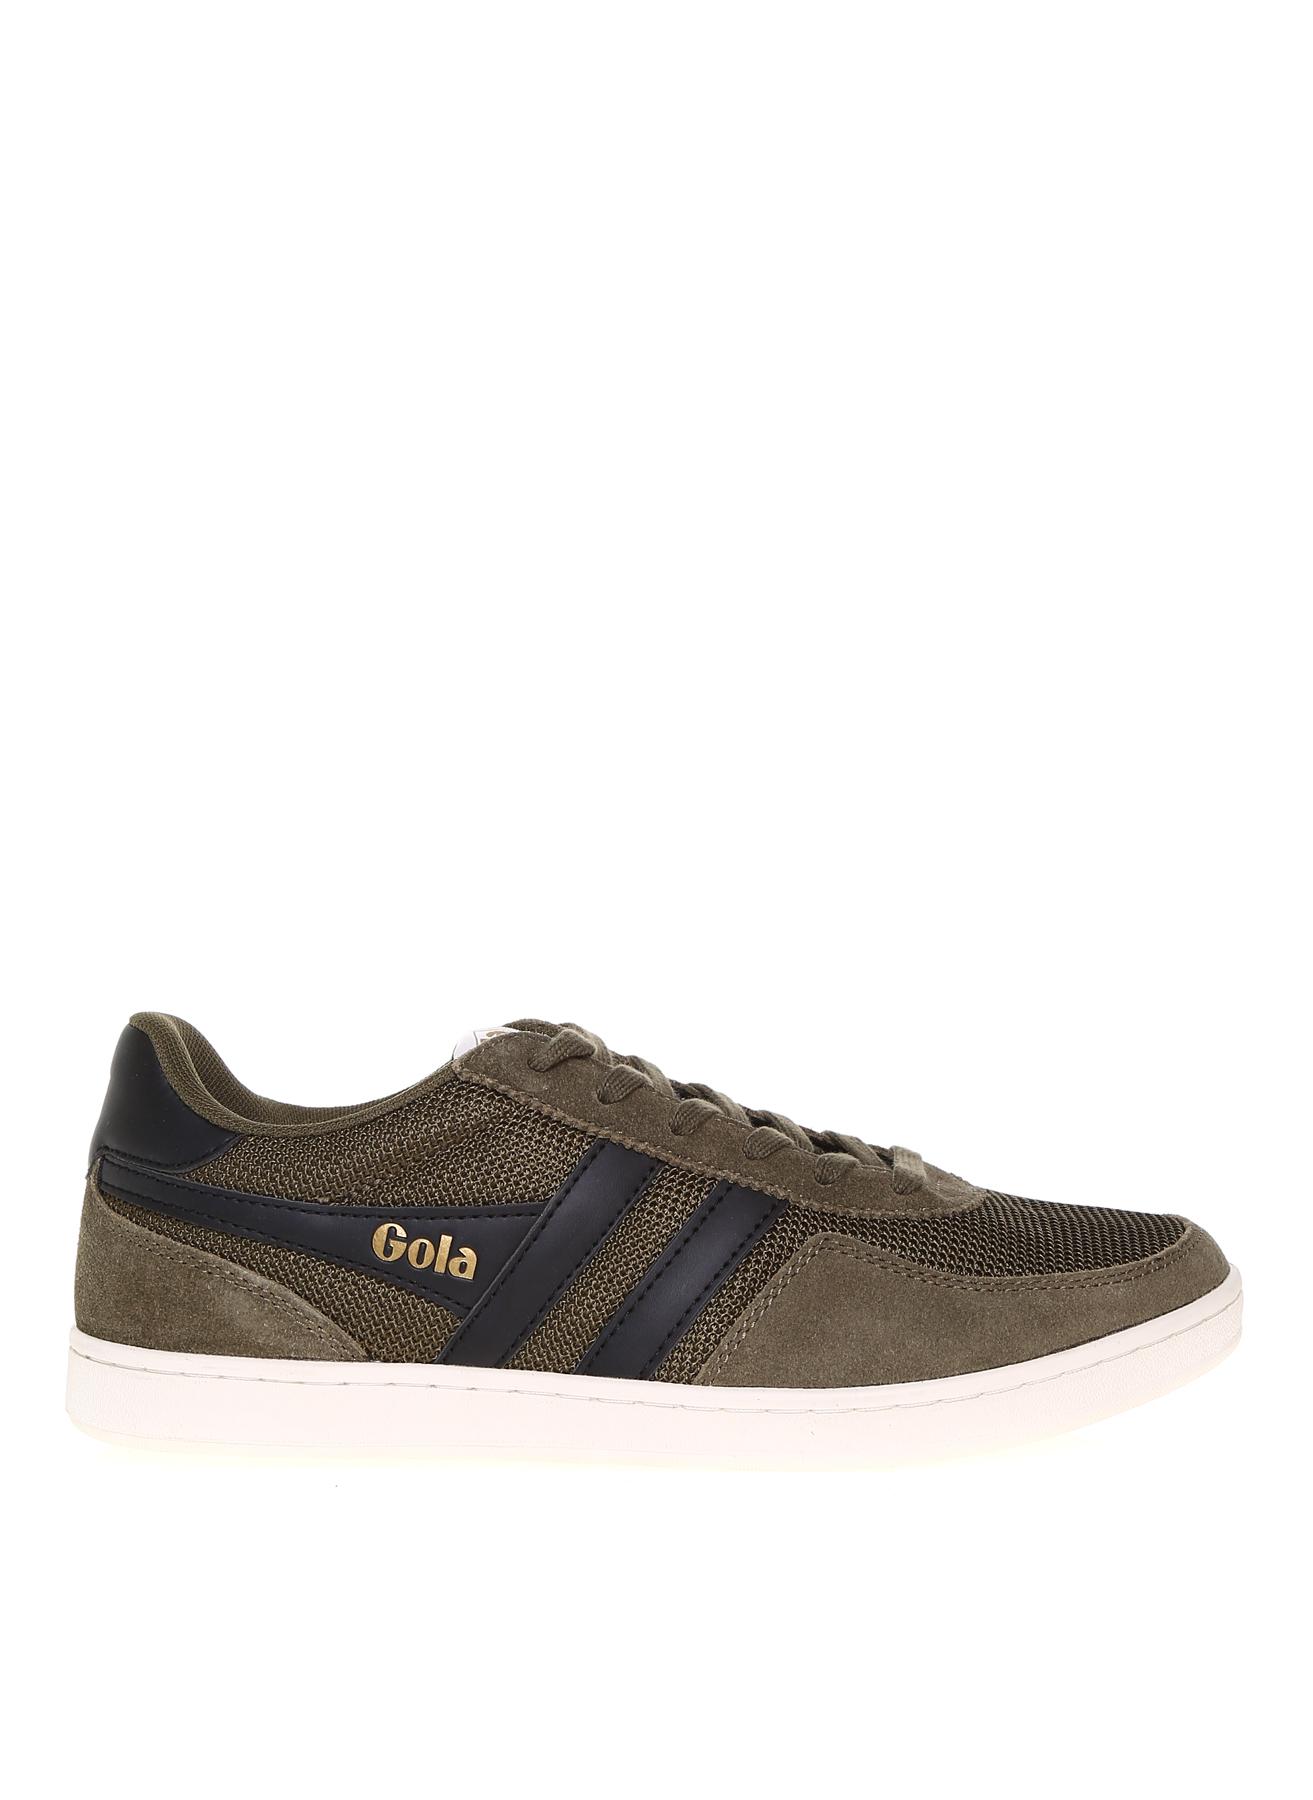 Gola Lifestyle Ayakkabı 42 5002362436002 Ürün Resmi